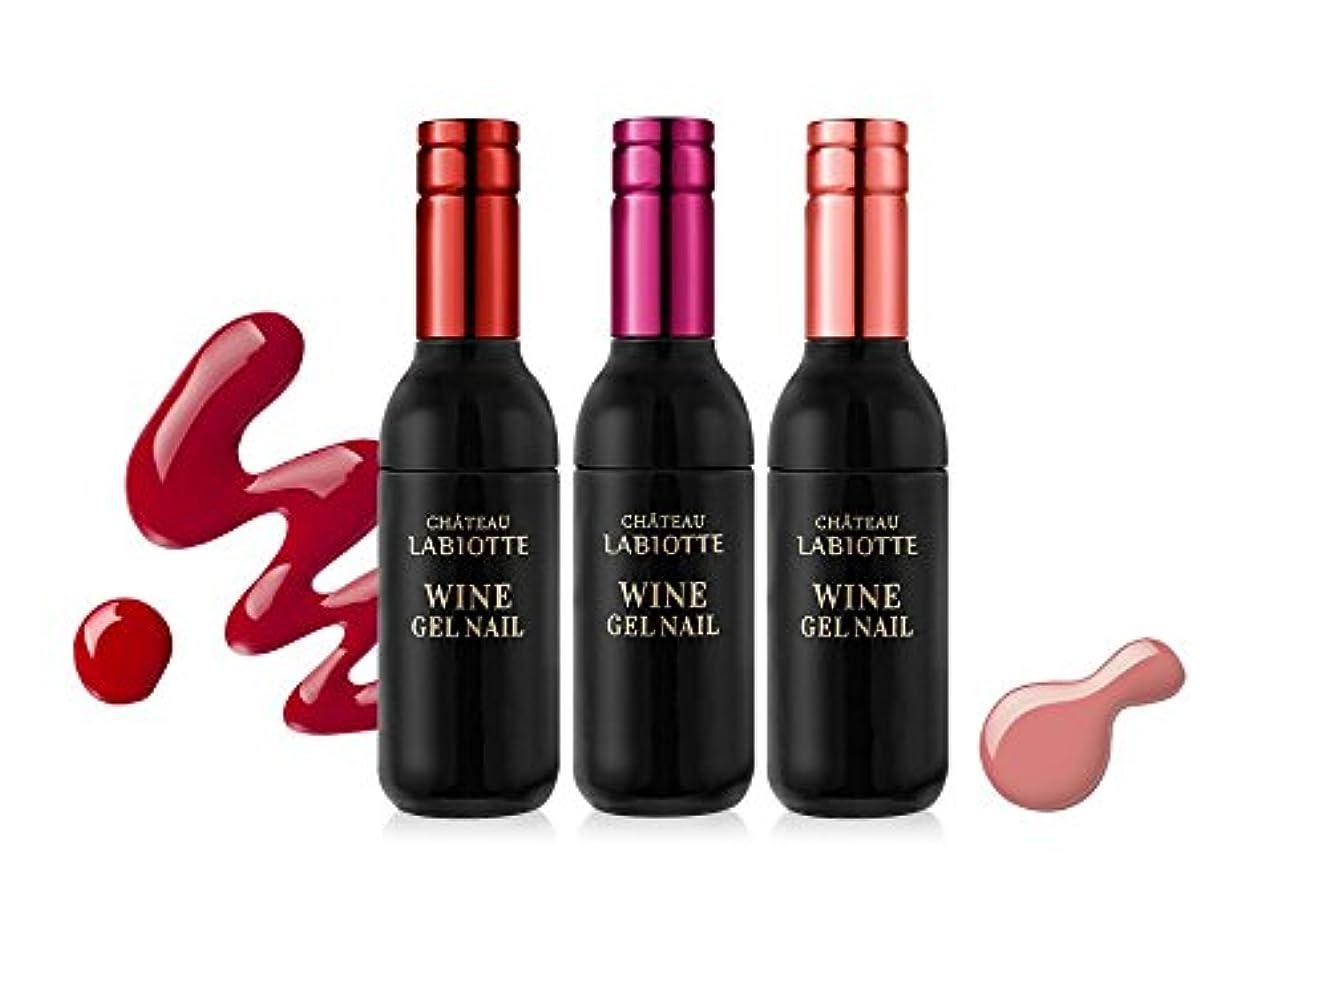 意図する名目上のチャネルLabiotte(ラビオトゥ/ラビオッテ) シャトー ラビオッテ ジェルネイル/Chateau Labiotte Wine Gel Nail(10.9g) (RD01. シーラーズレッド) [並行輸入品]